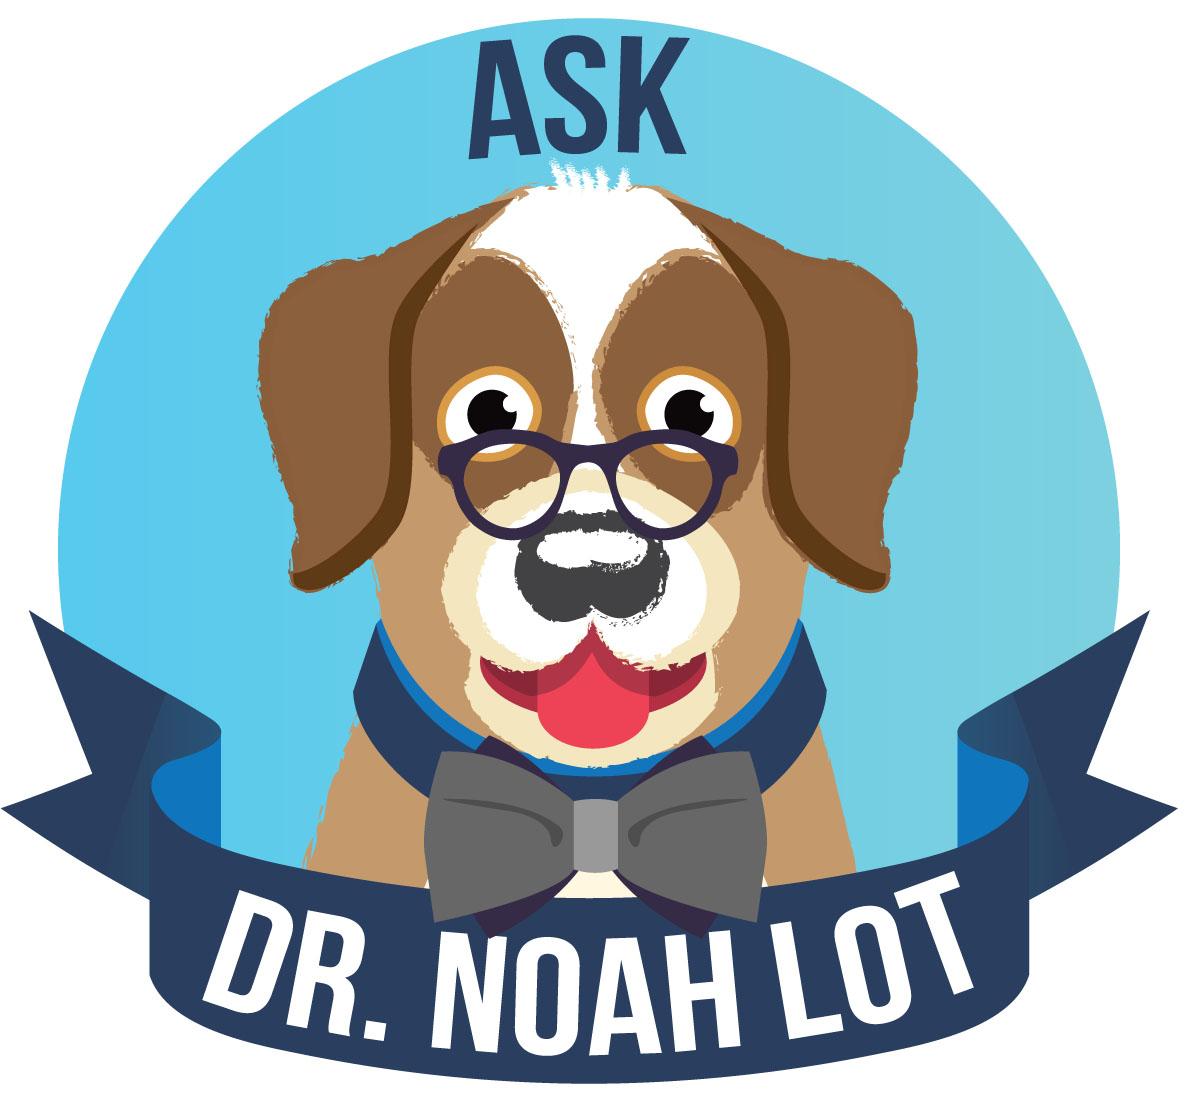 Image: Introducing Dr. Noah Lot